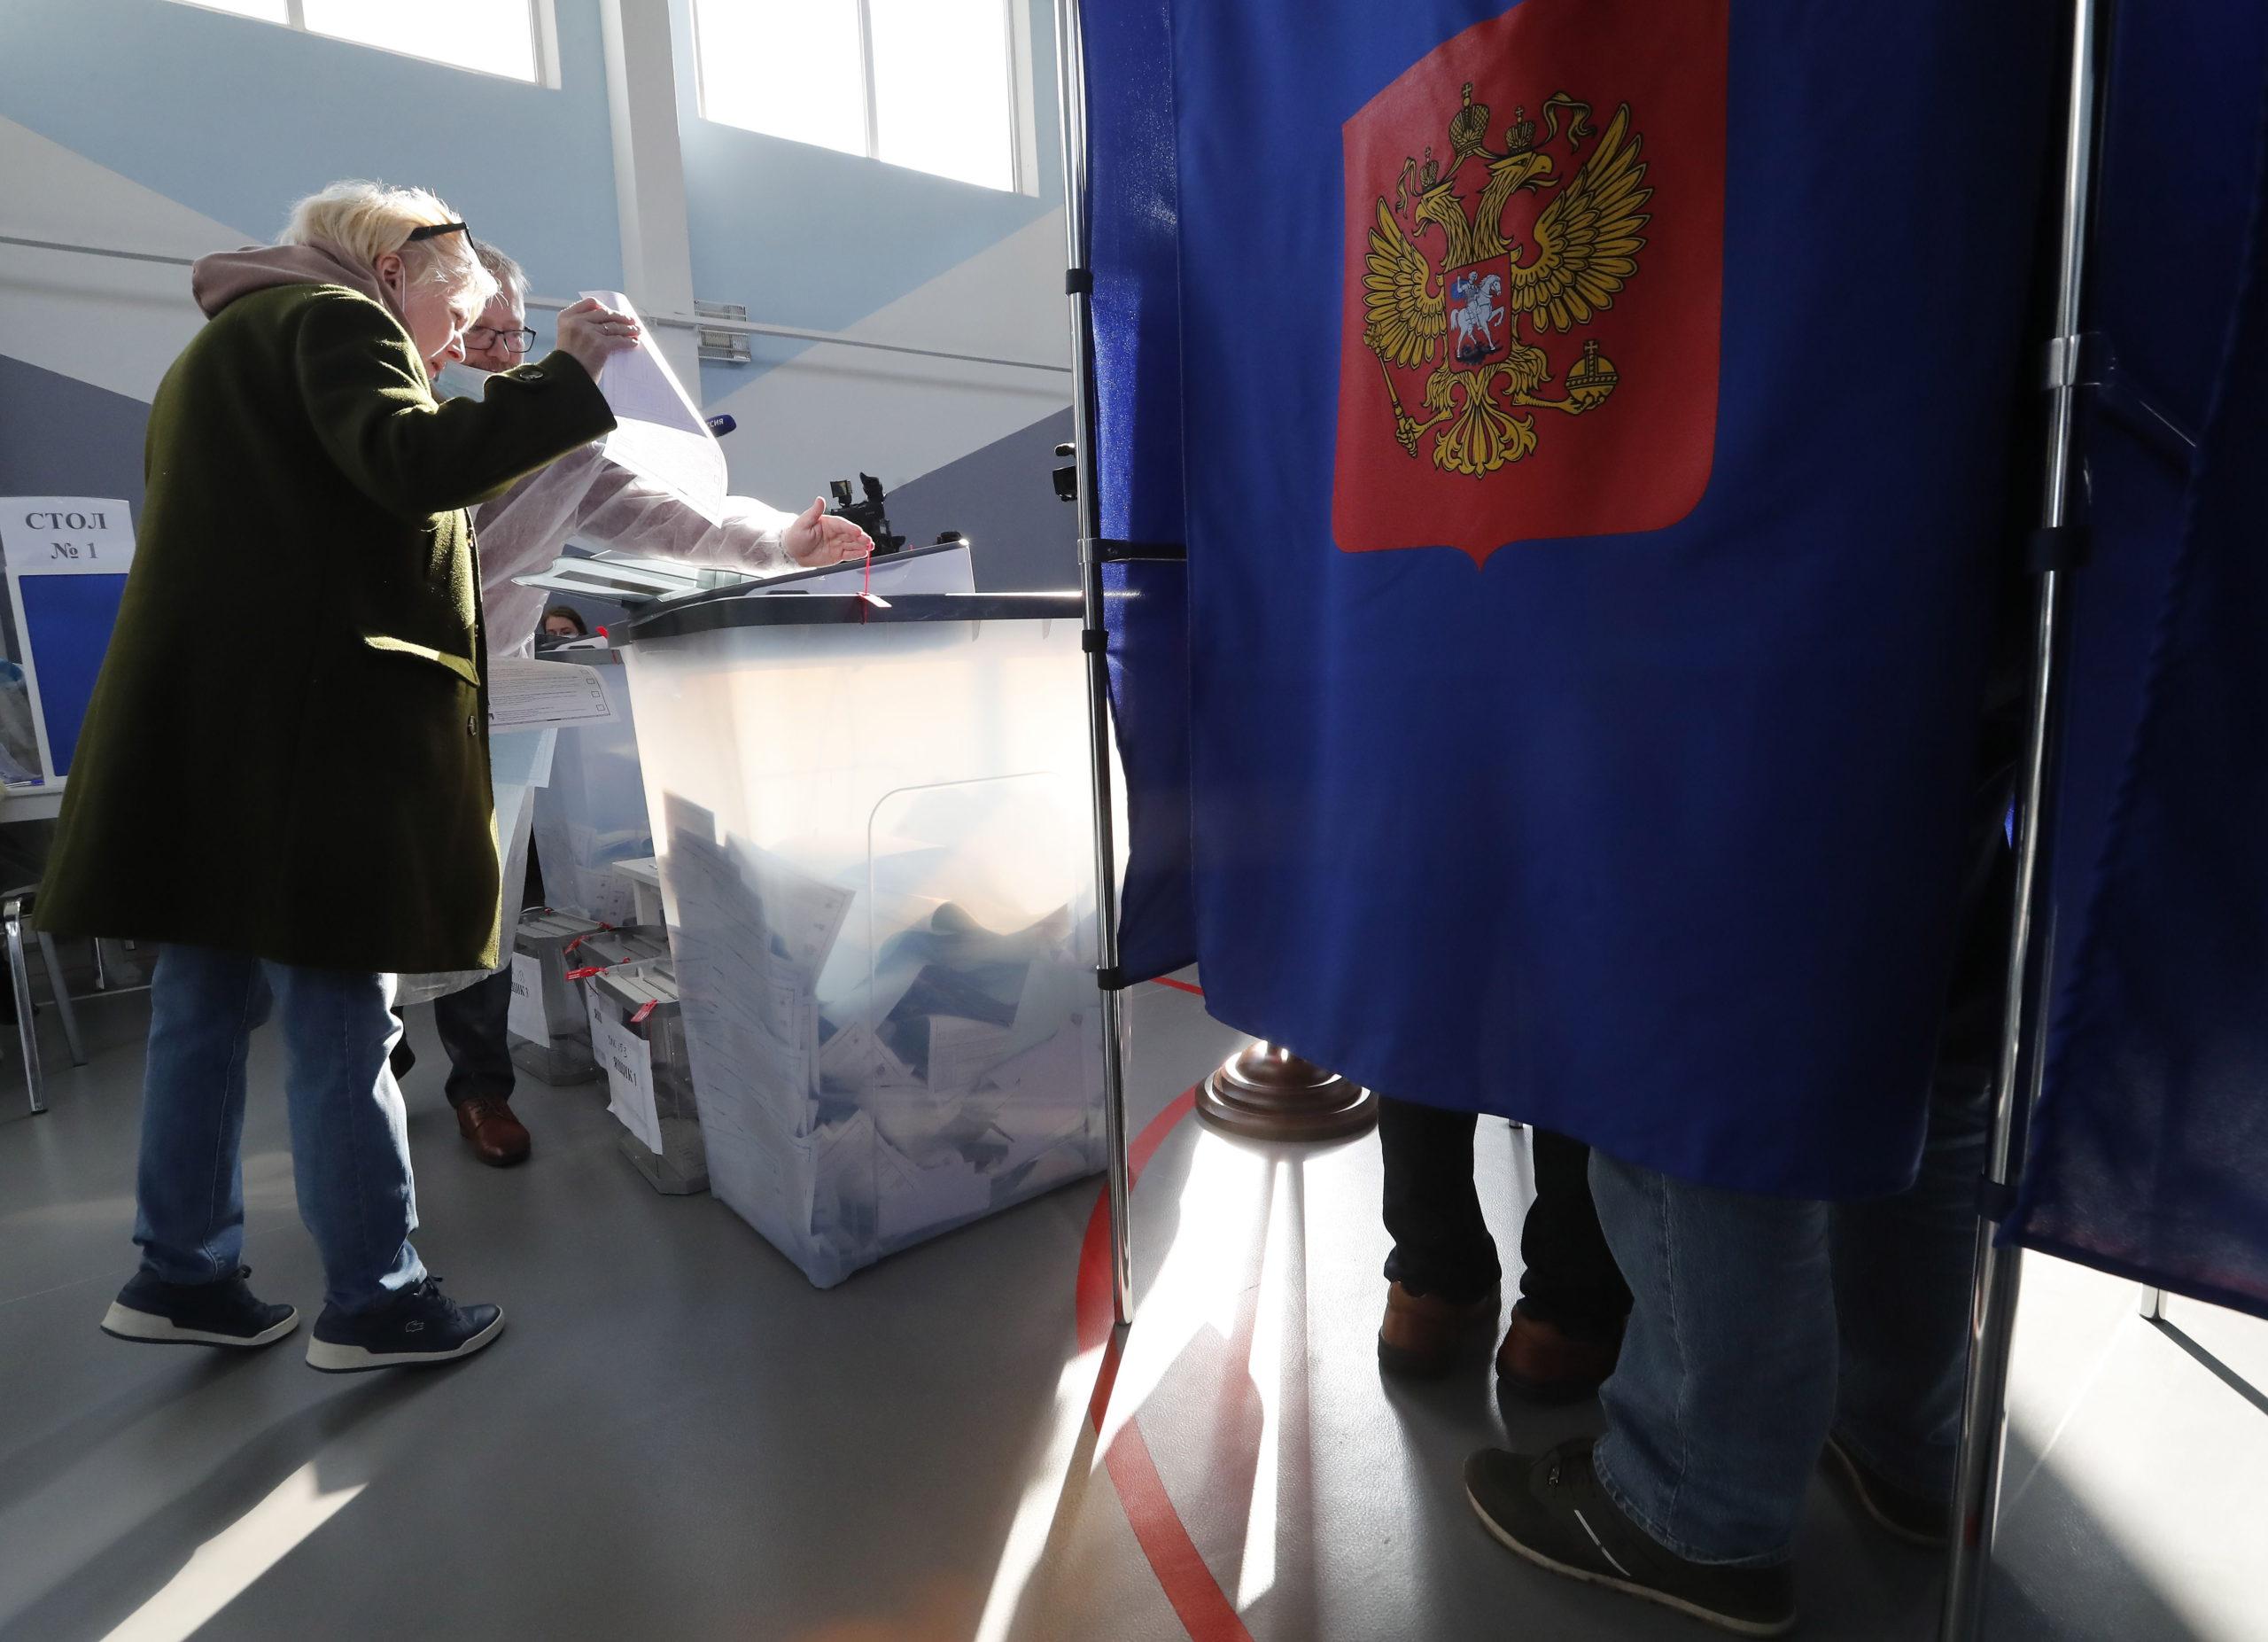 Putin's party prepares to revalidate its parliamentary majority